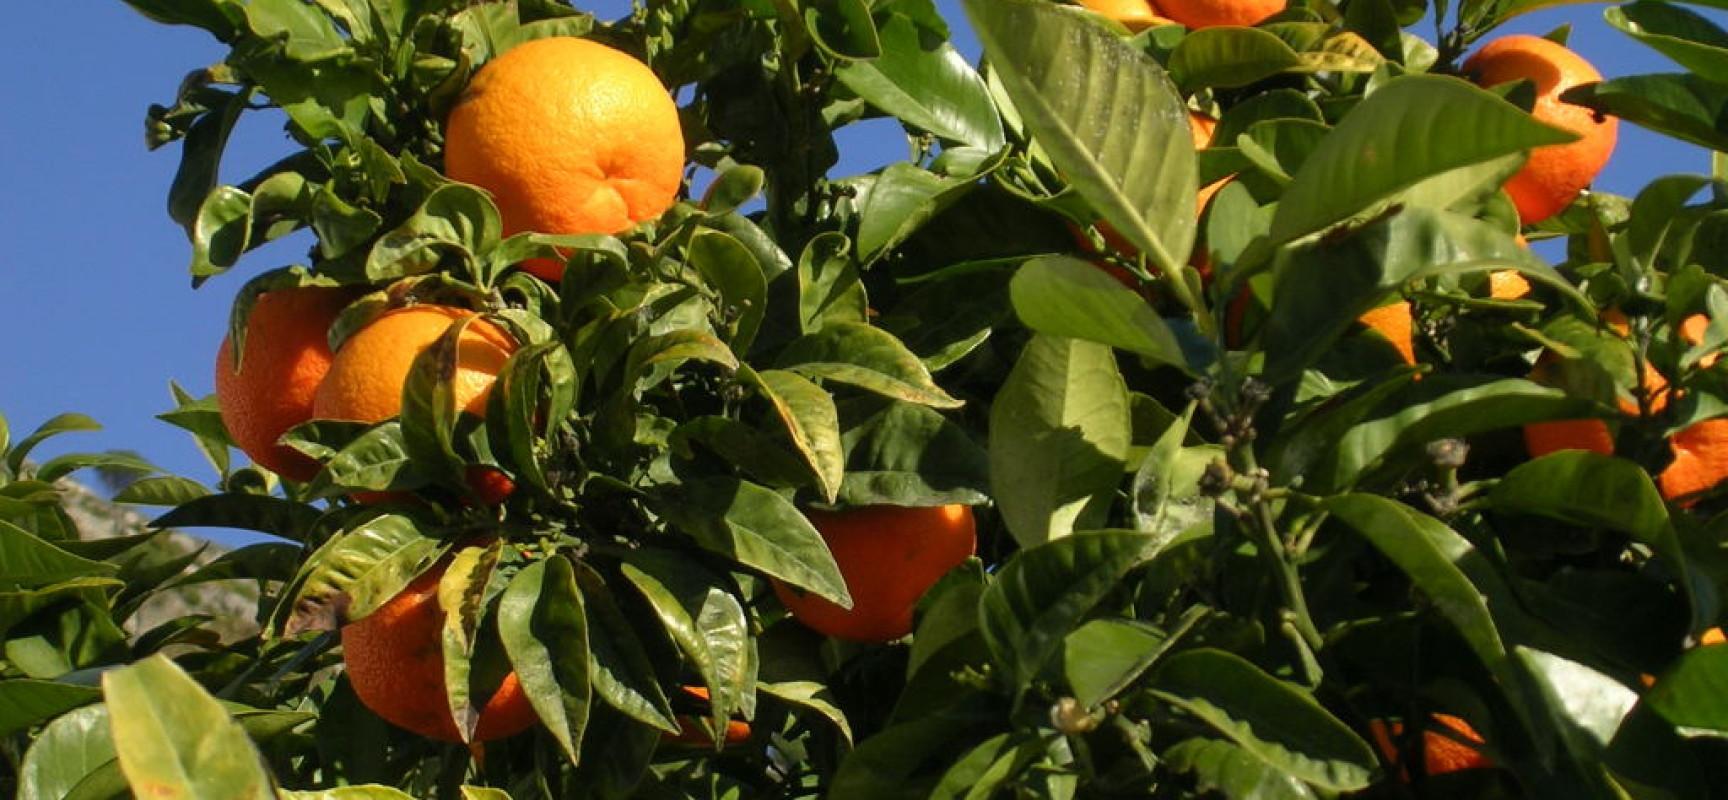 Wyciąg z gorzkiej pomarańczy – HIT w walce z otyłością